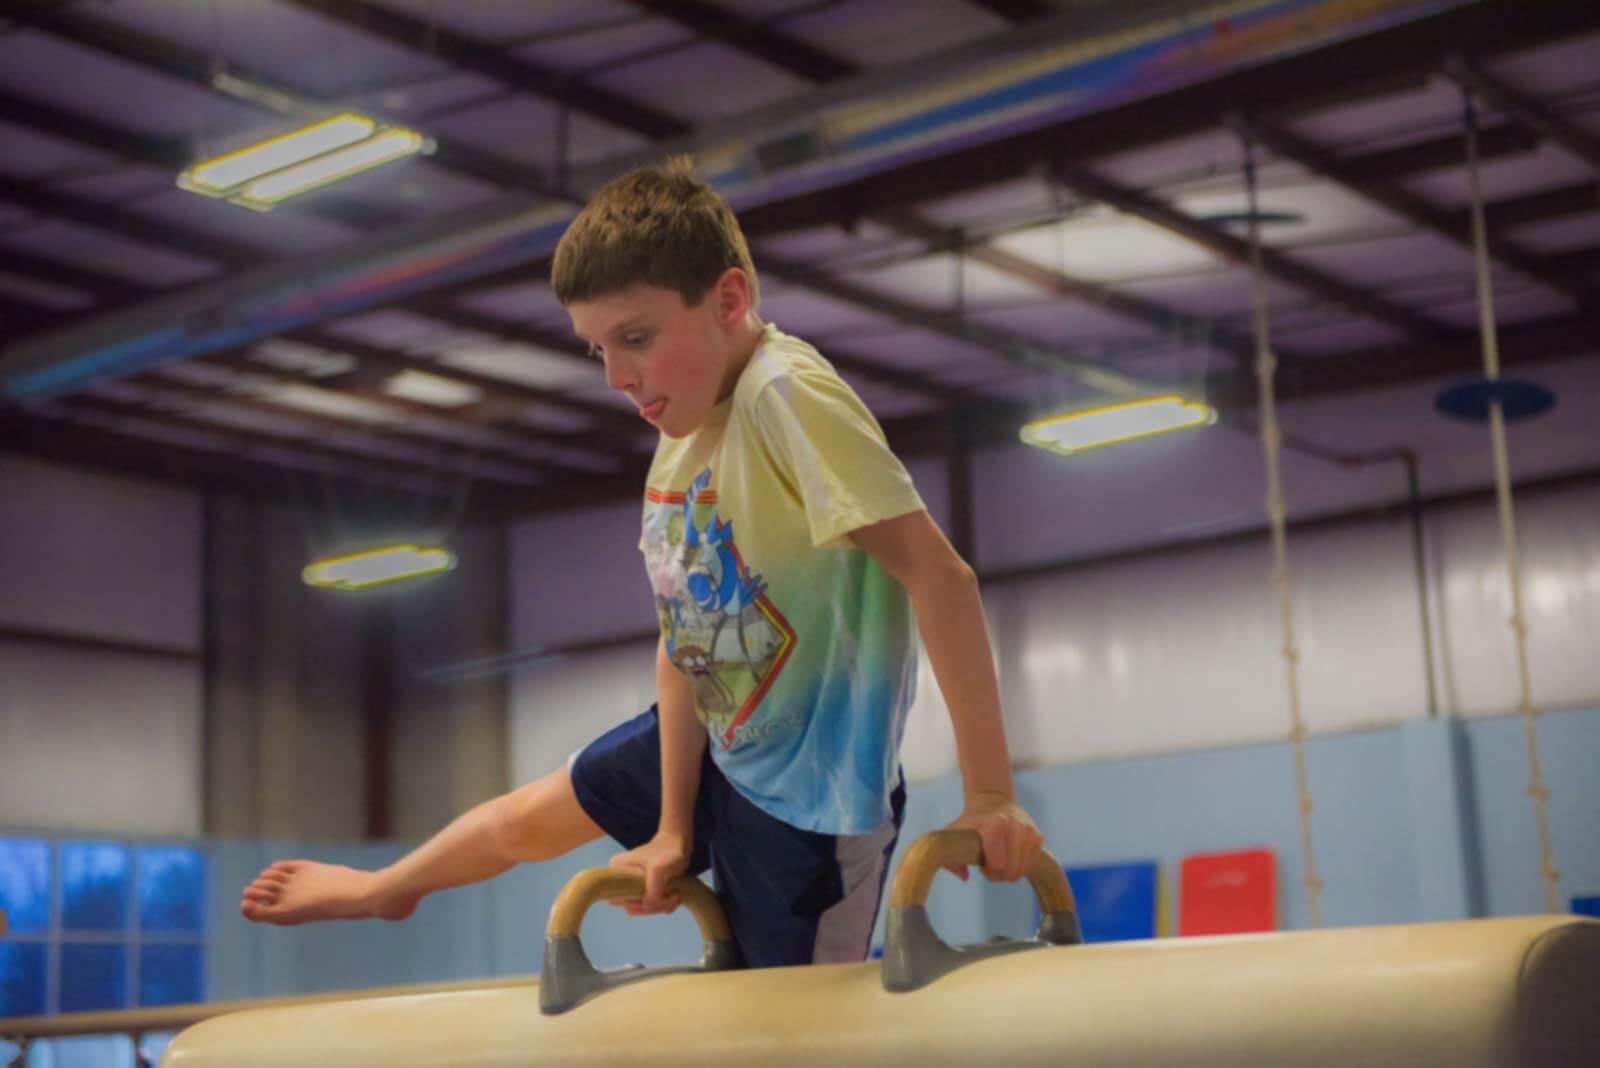 gymnastics classes: